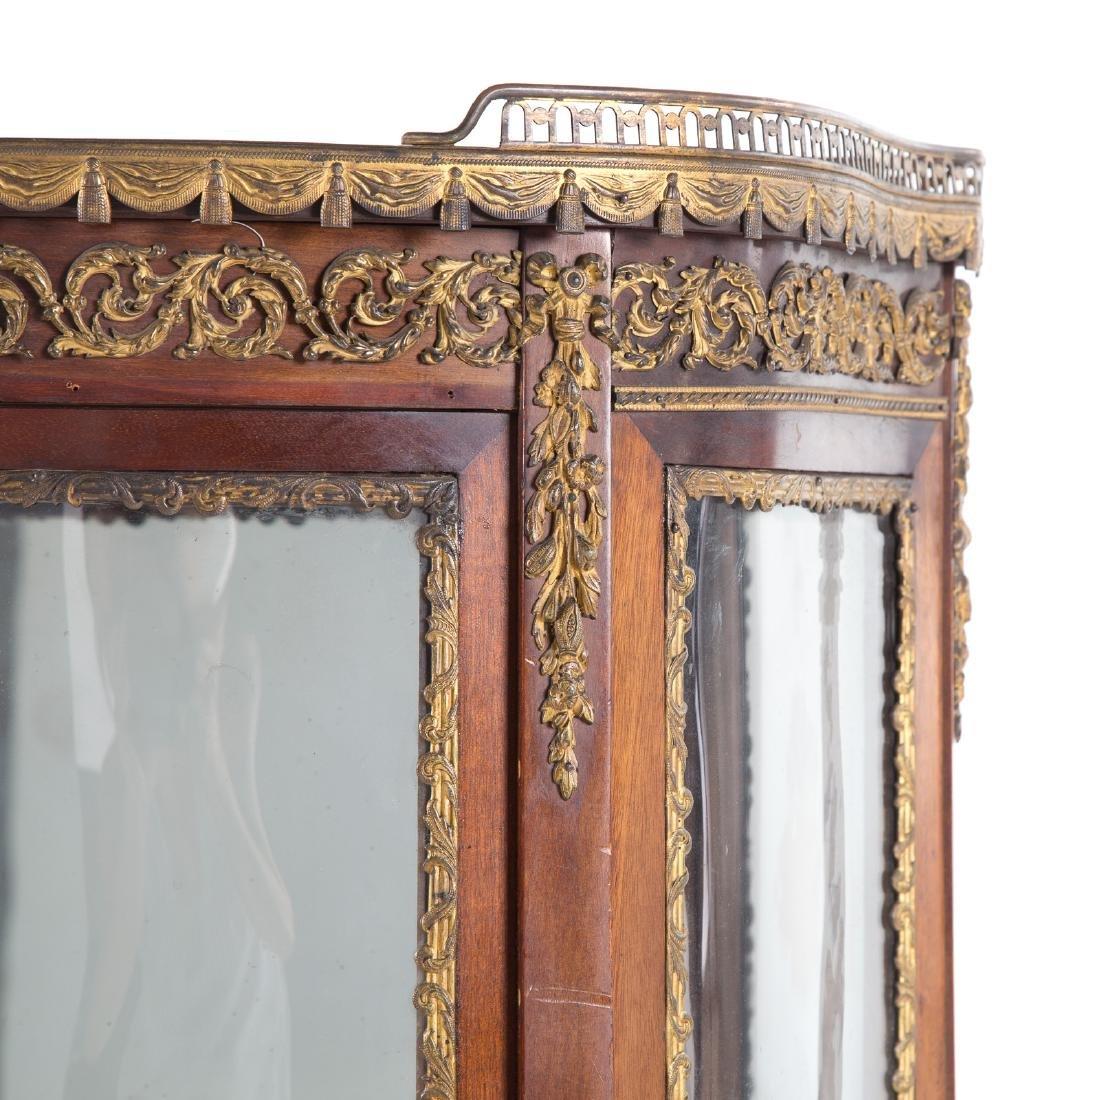 Louis XV style bronze mounted mahogany vitrine - 2